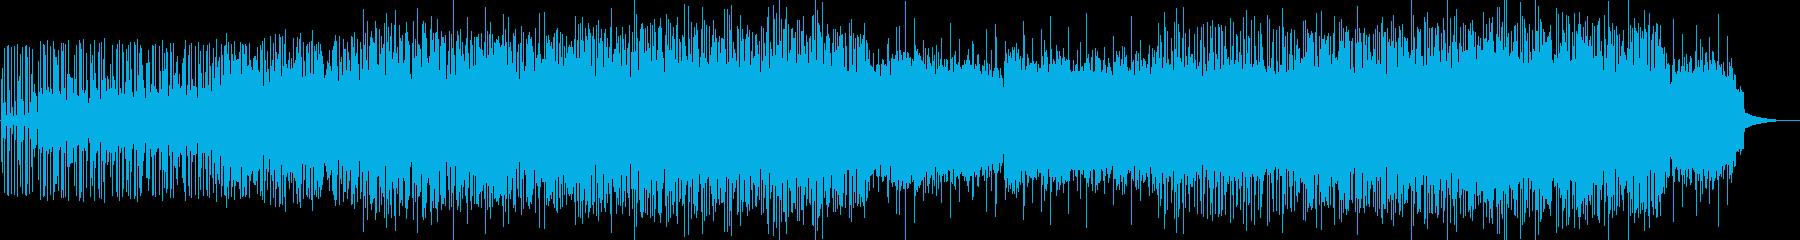 怪しく狂気じみたサイケデリックロックの再生済みの波形